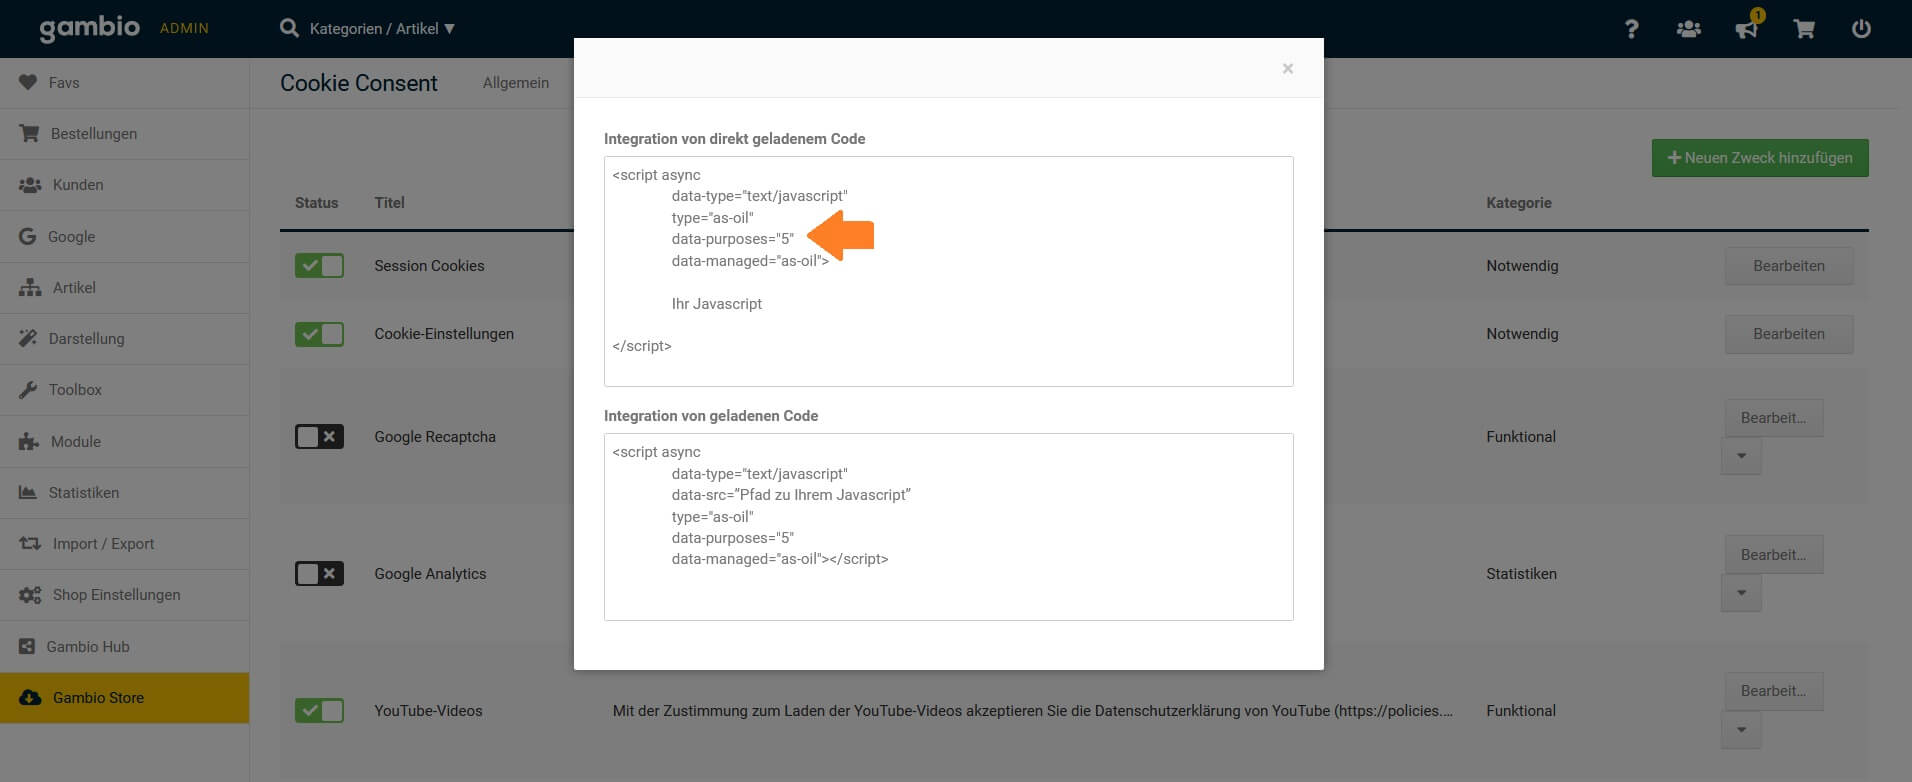 Integration von direkt geladenem Code - Gambio-Consent-Tool